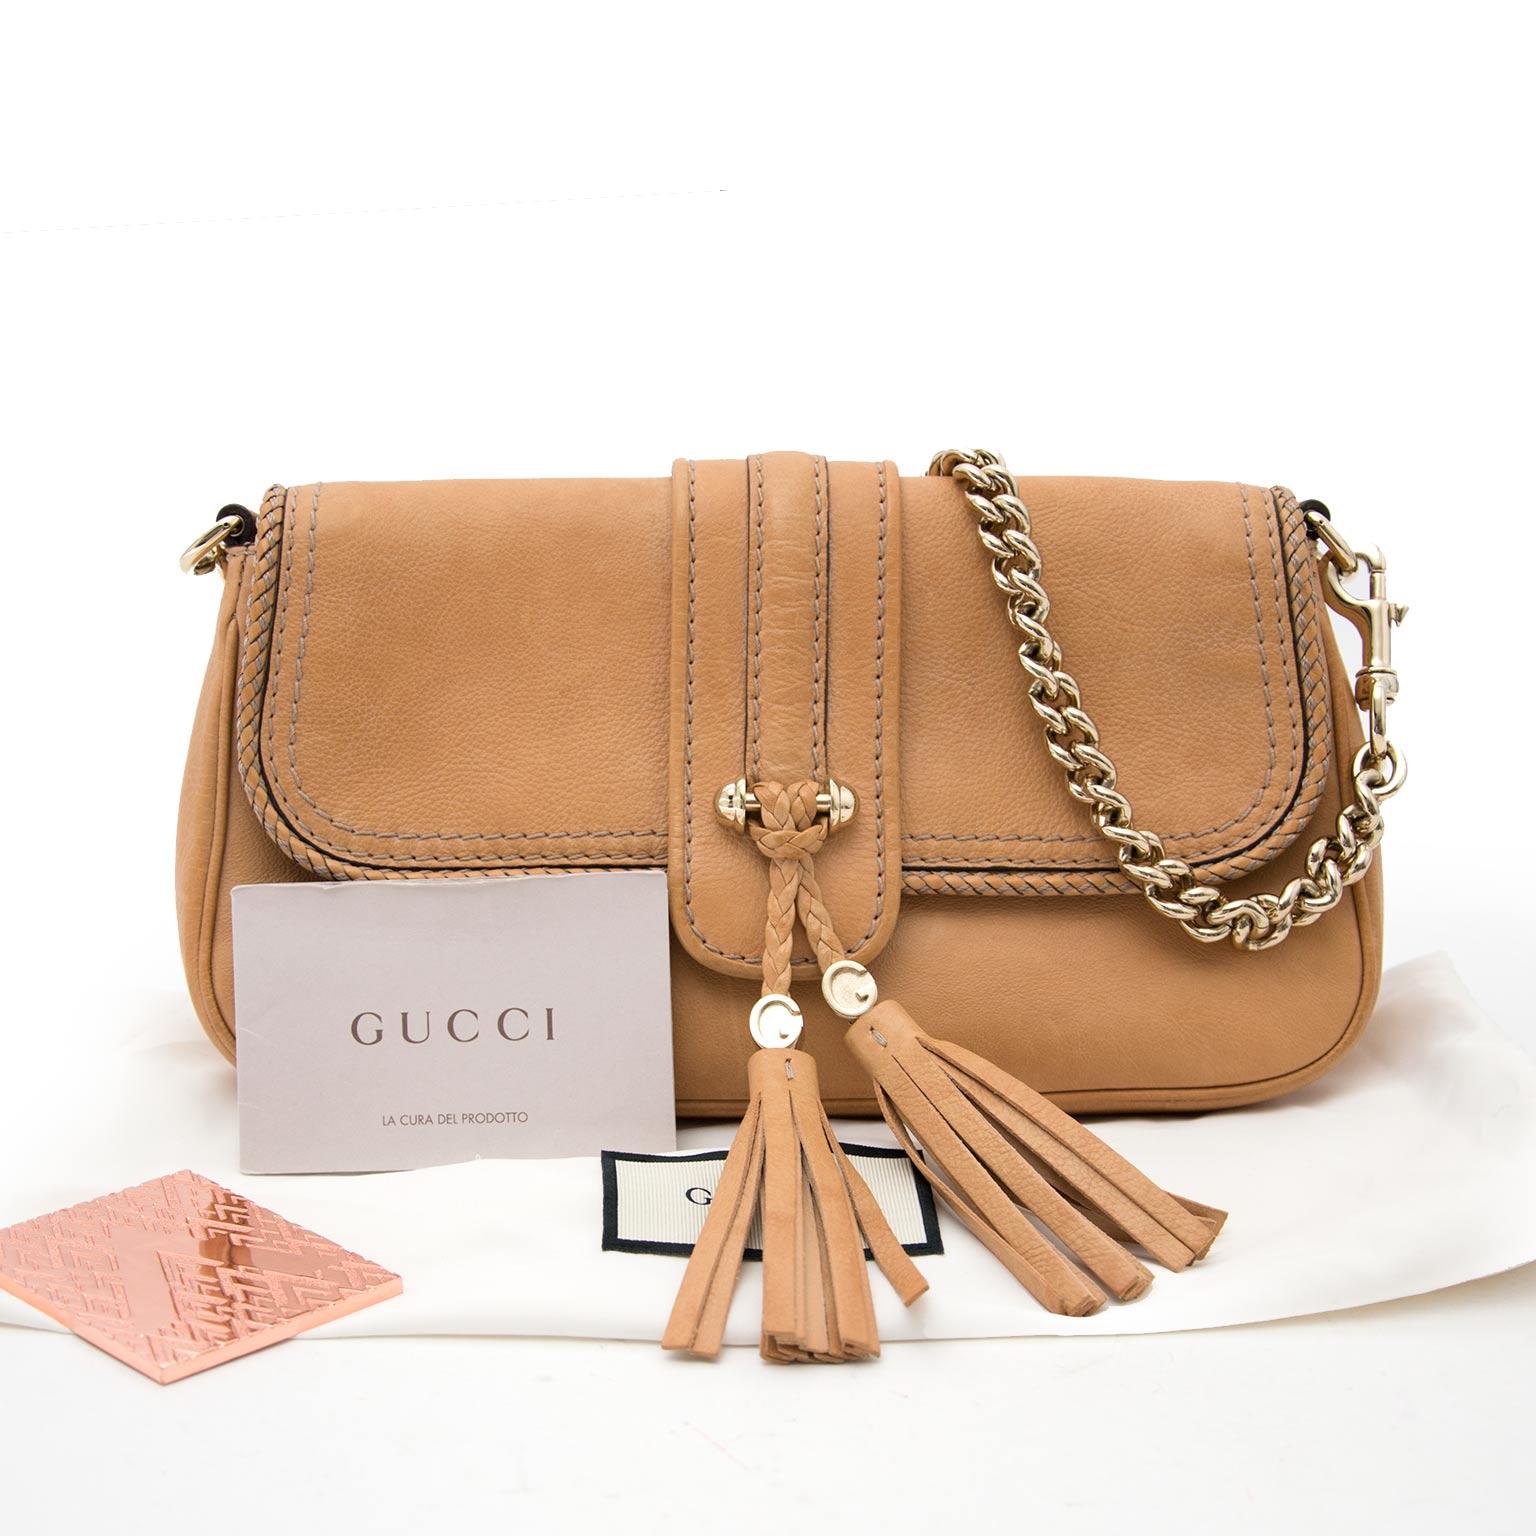 shop your second luxury bag at the best price acheter en ligne pour le meilleur prix sac a main Gucci Nude Woven Detailed Clutch